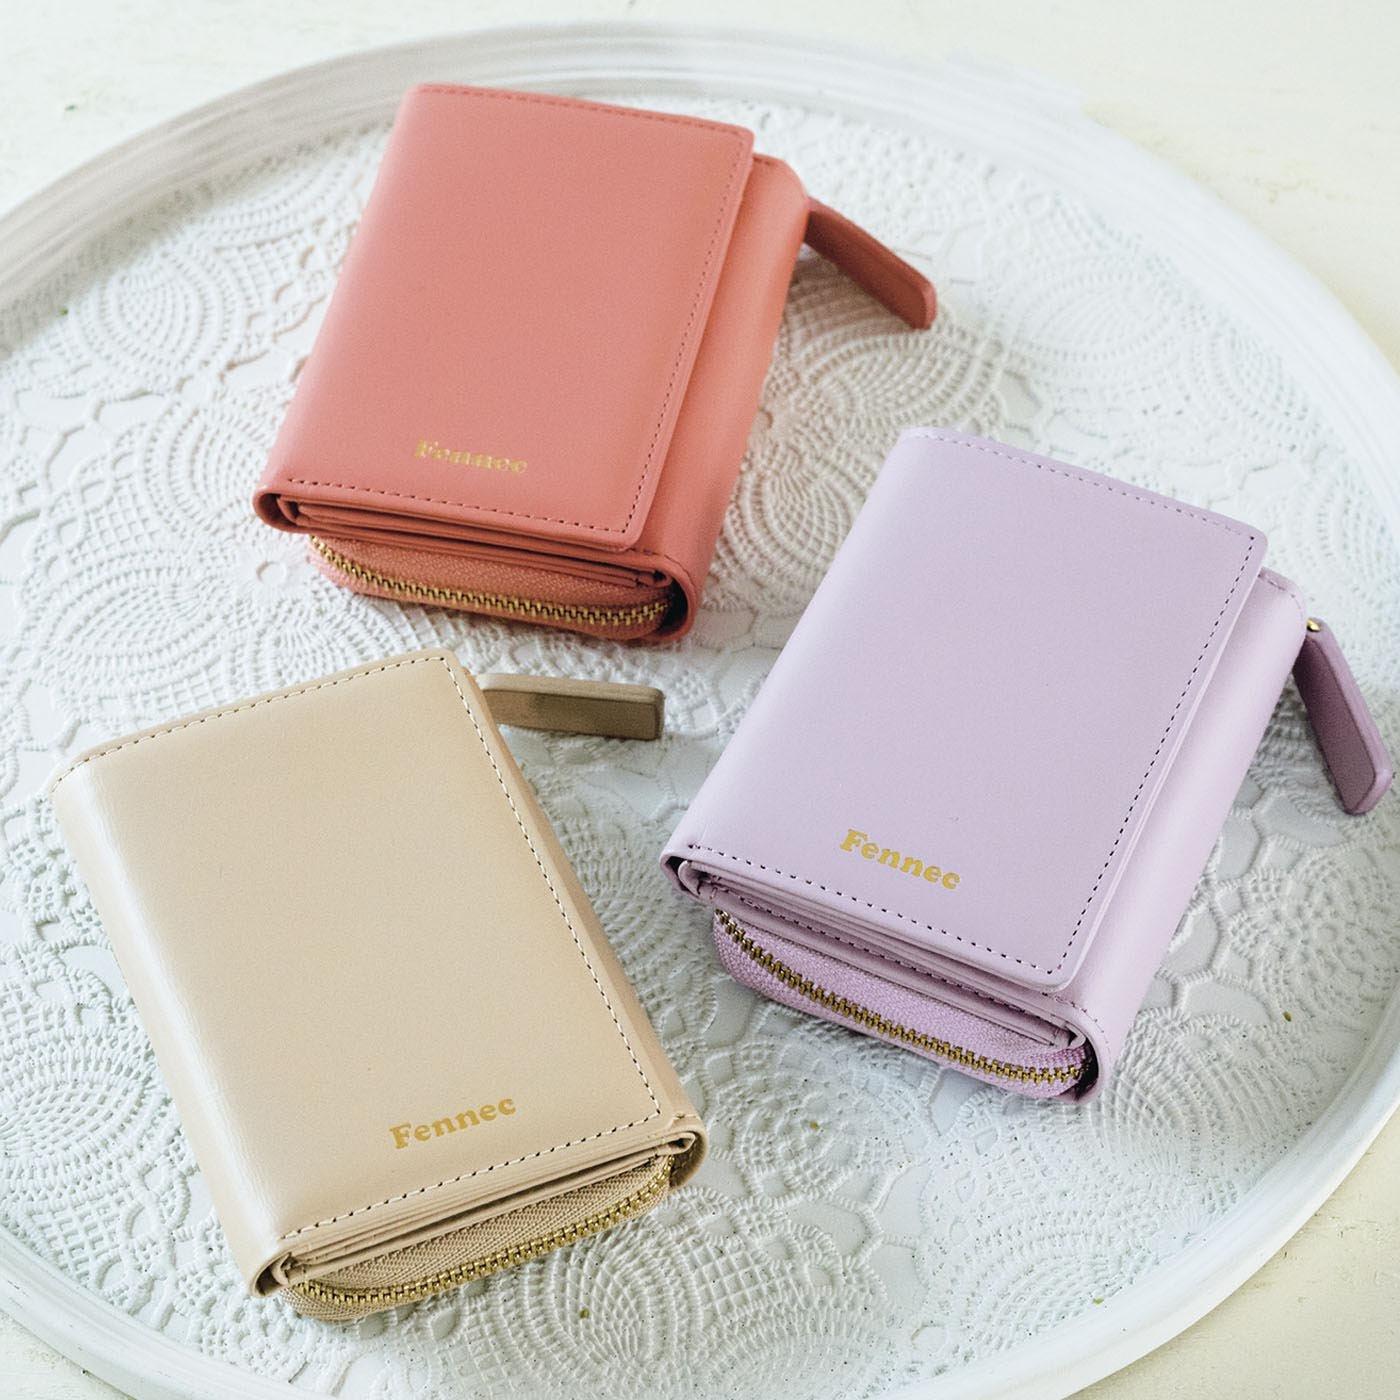 UP.de 使うほどになじむ 手のひらサイズの本革ミニ財布